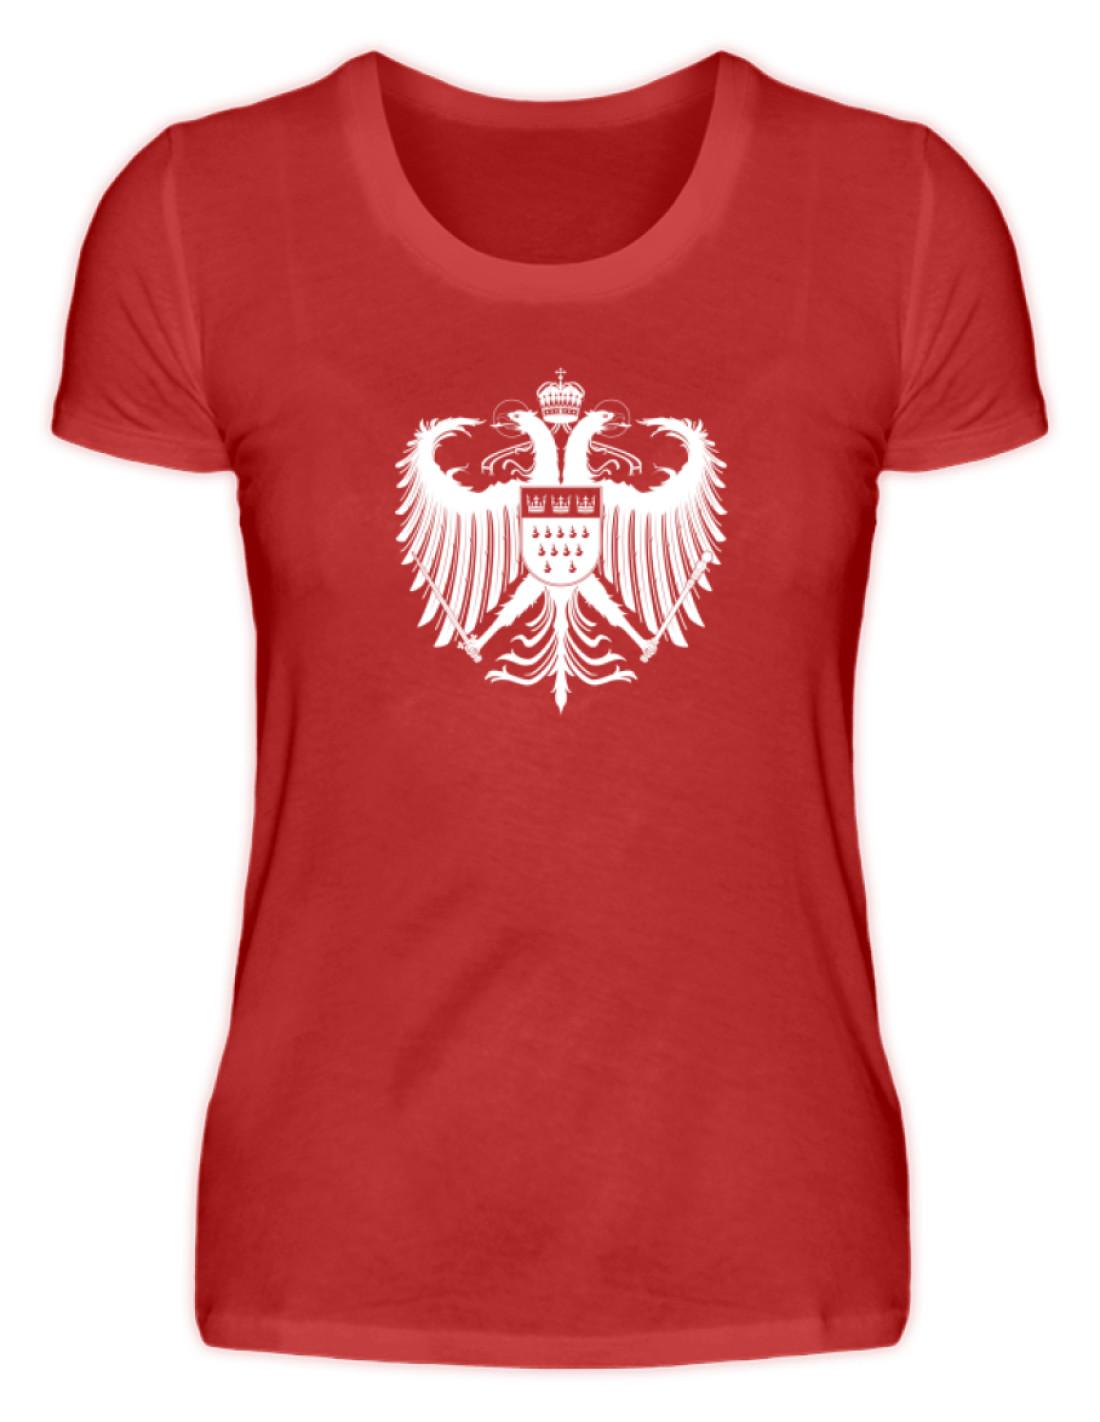 abf6b2def55096 Kölner Wappen mit Adler in Weiß auf Damen T-Shirt - Basic • Kölner ...